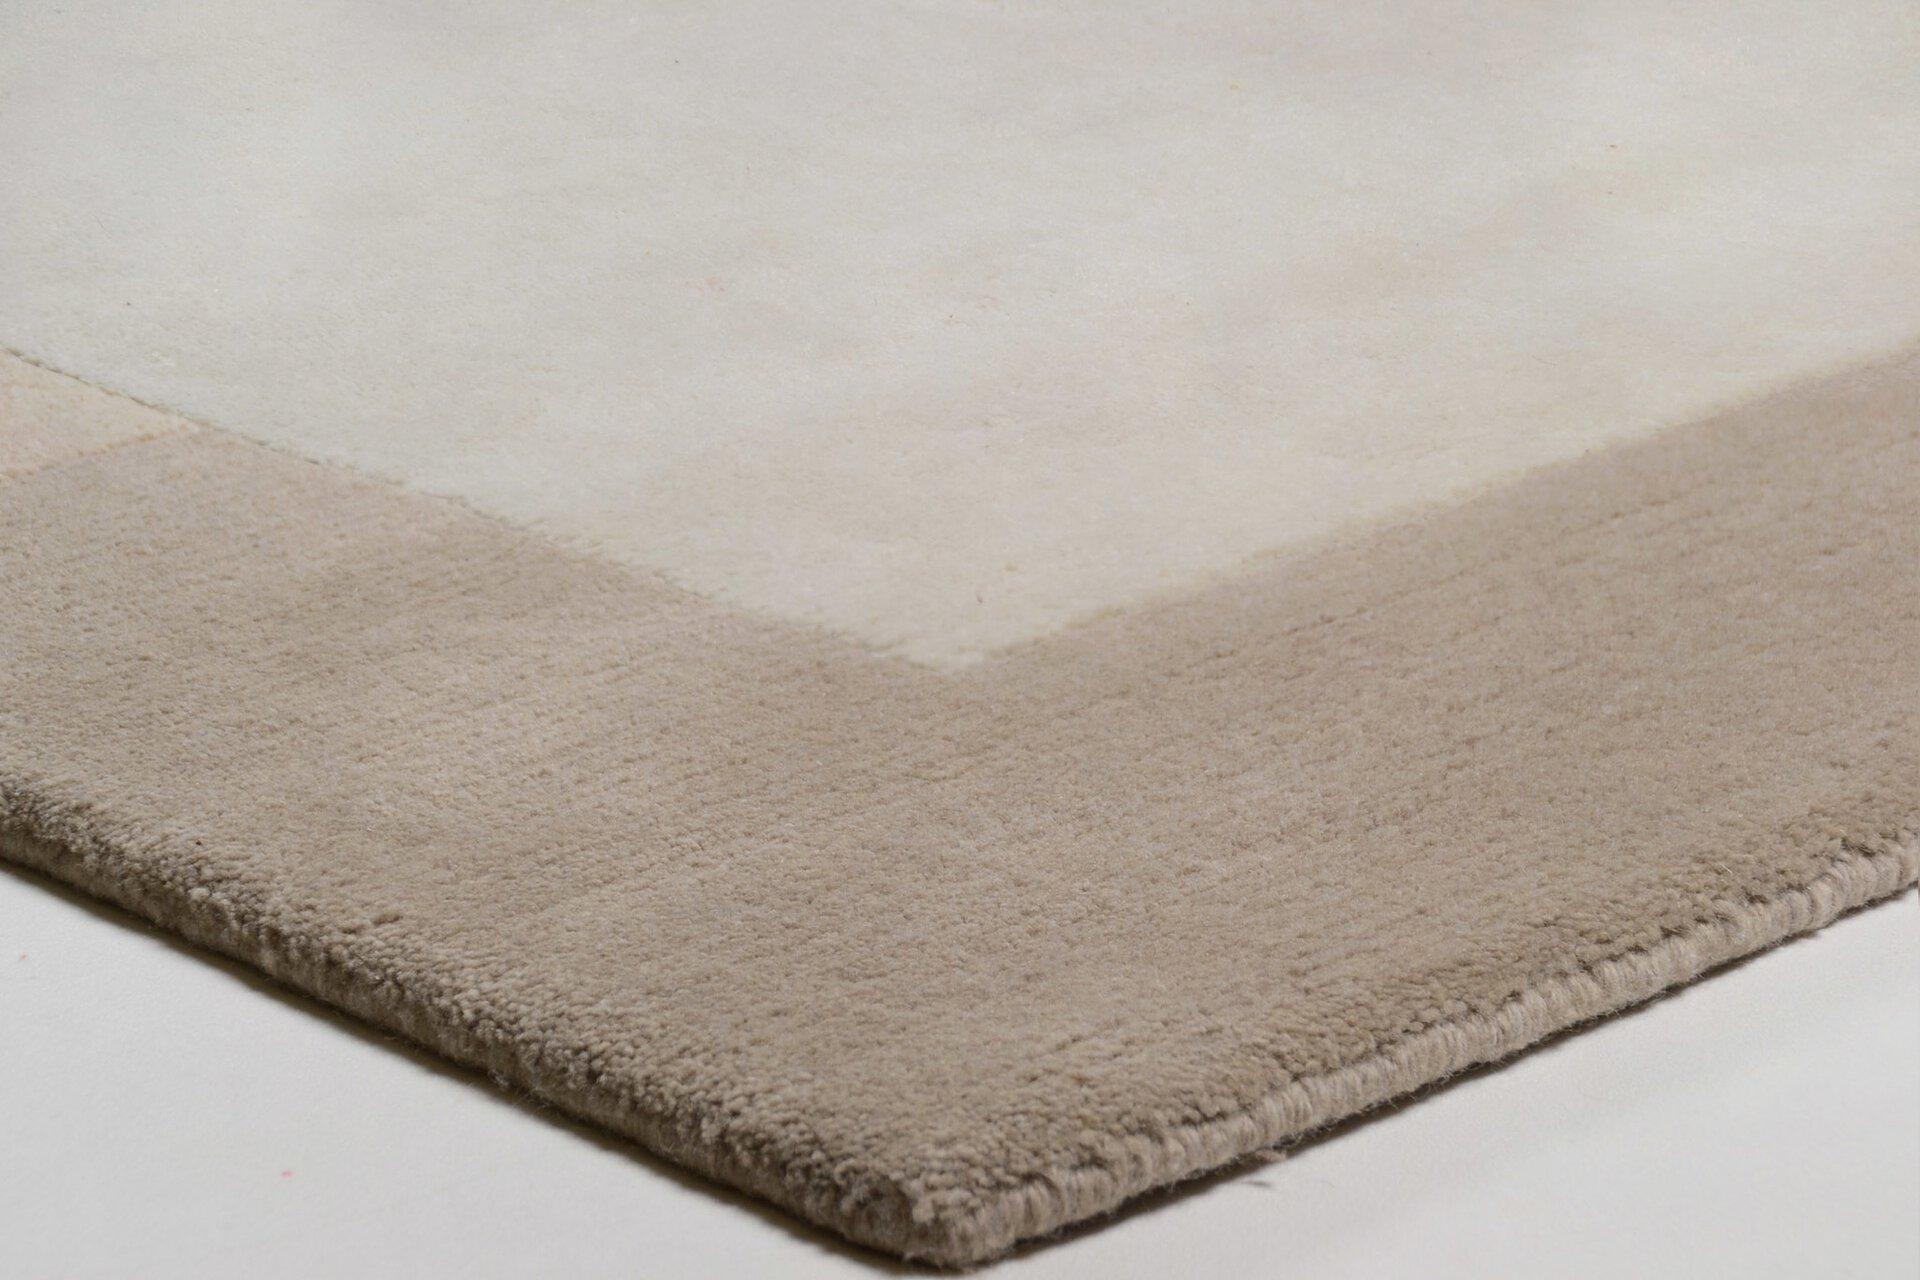 Handknüpfteppich Sierra Theko Textil braun